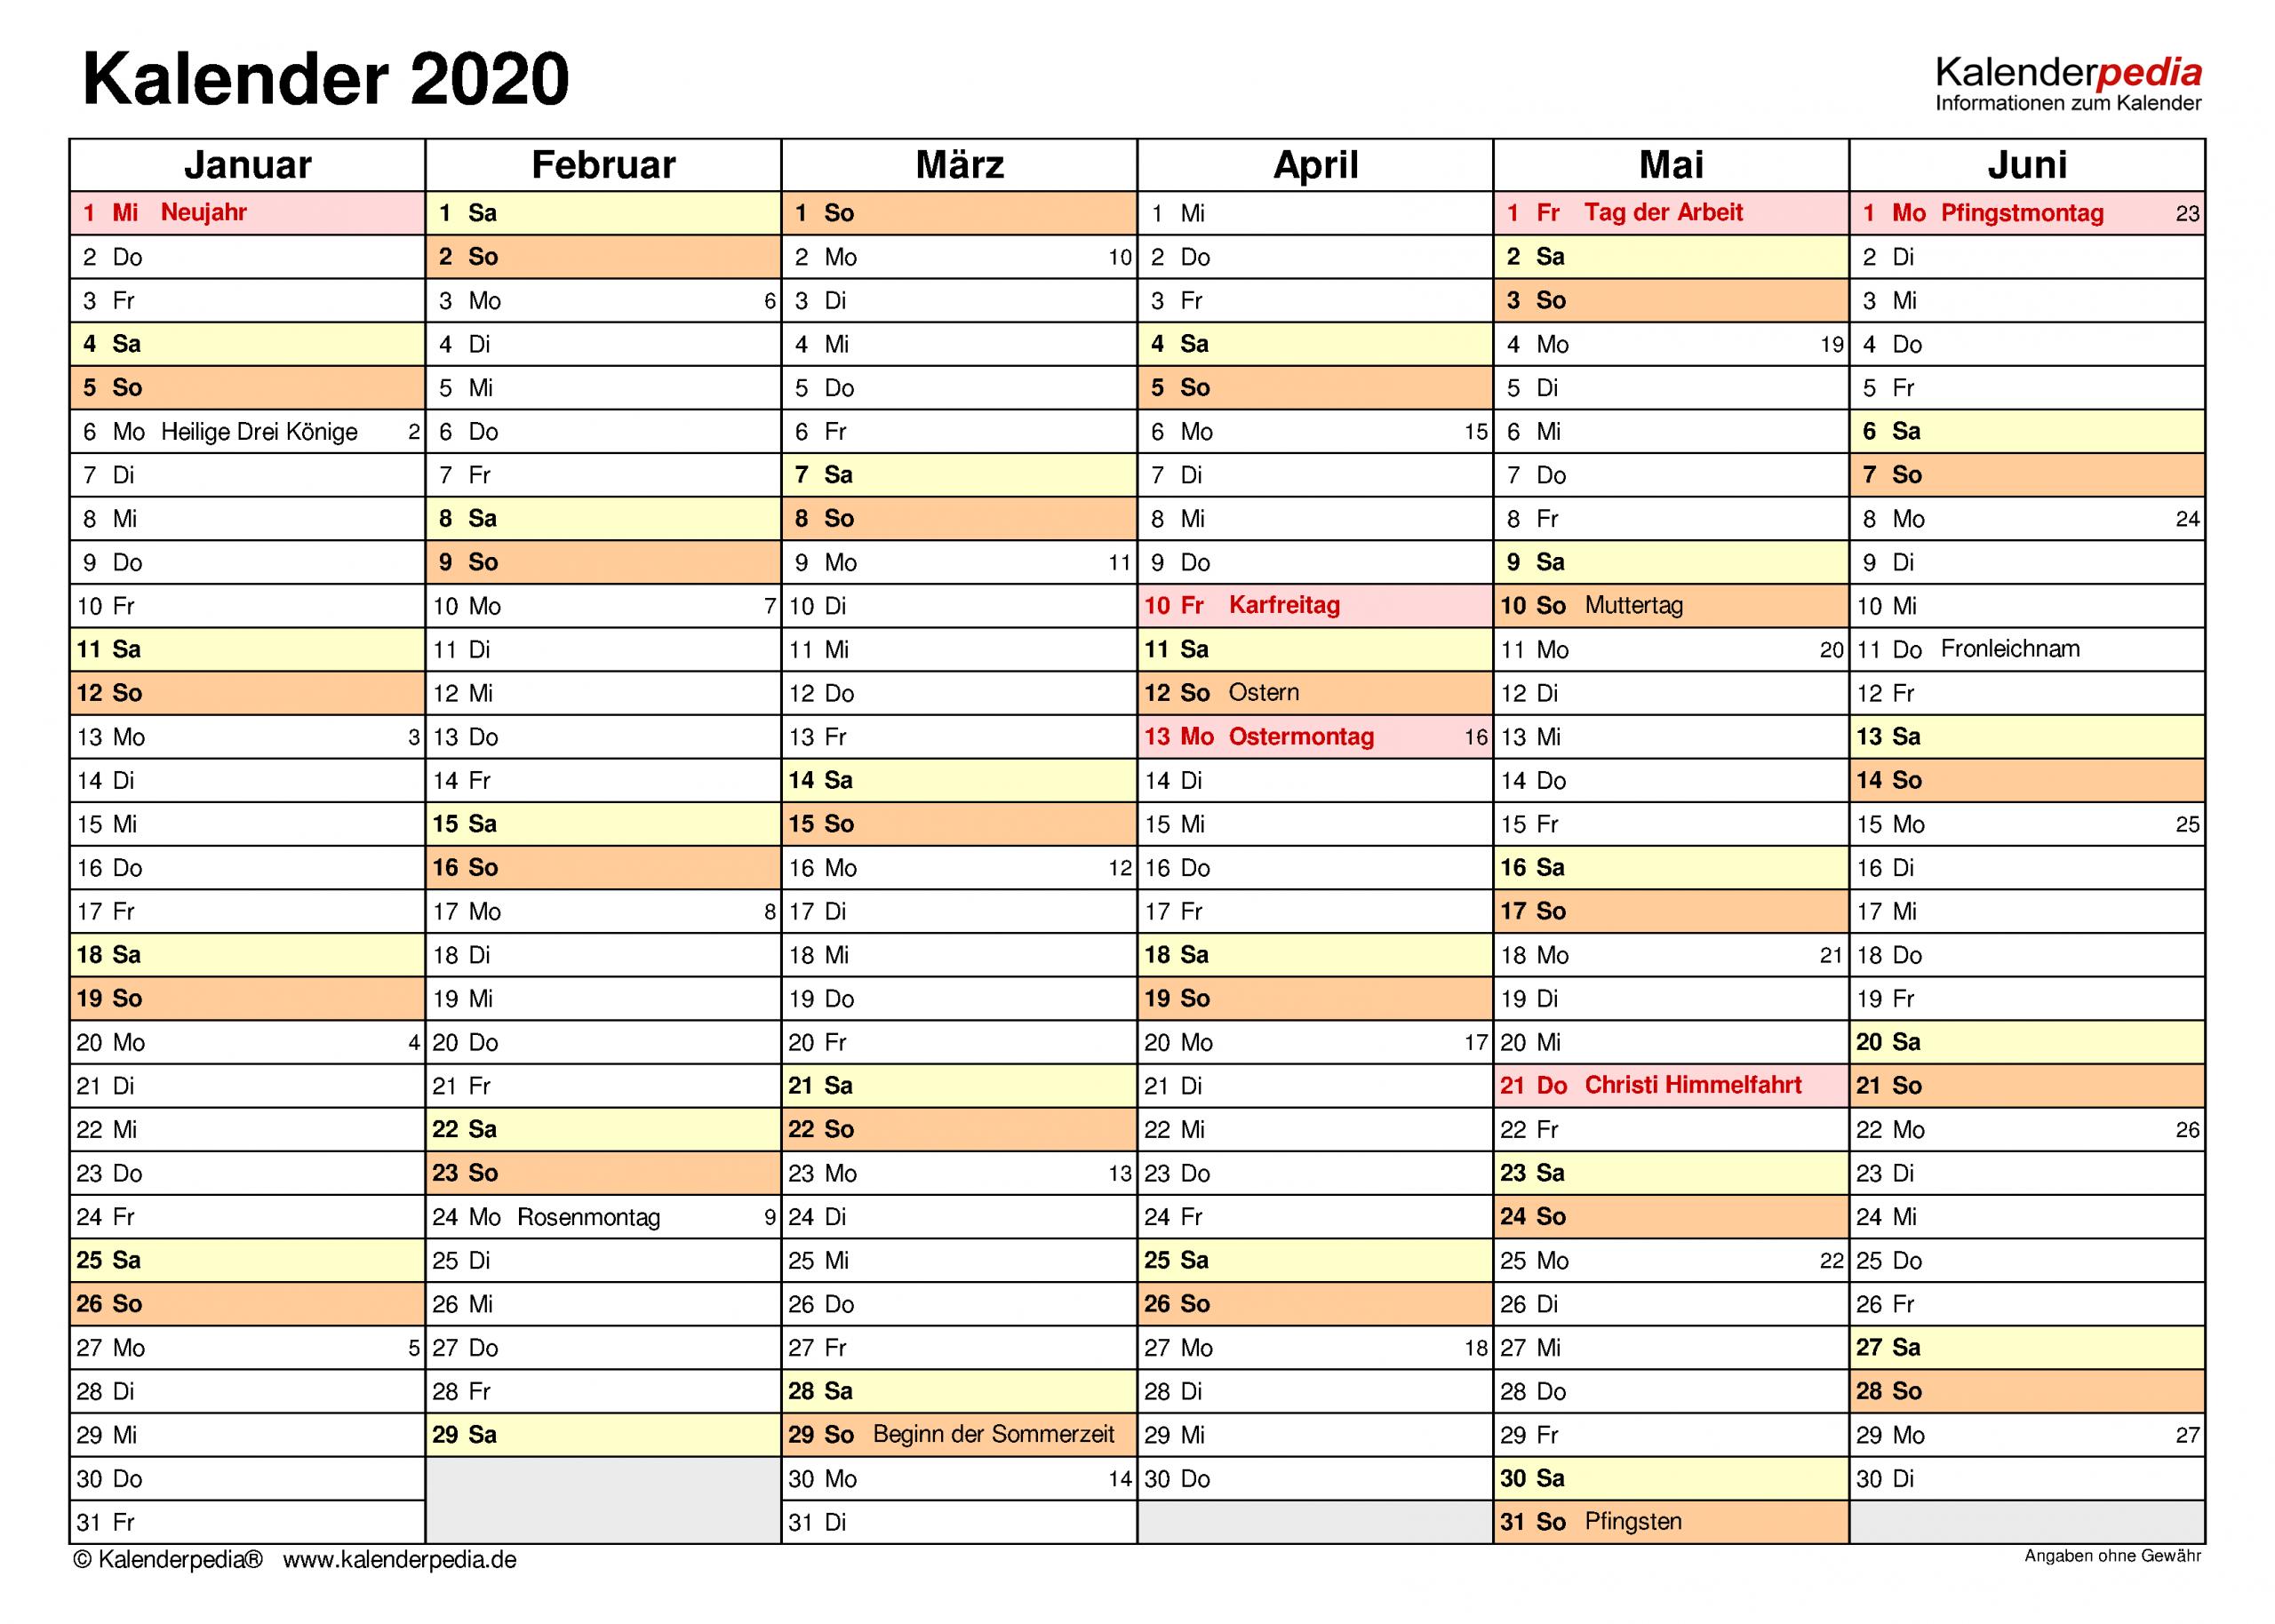 Kalender 2020 Zum Ausdrucken In Excel - 17 Vorlagen (Kostenlos) ganzes Online Kalender Zum Eintragen